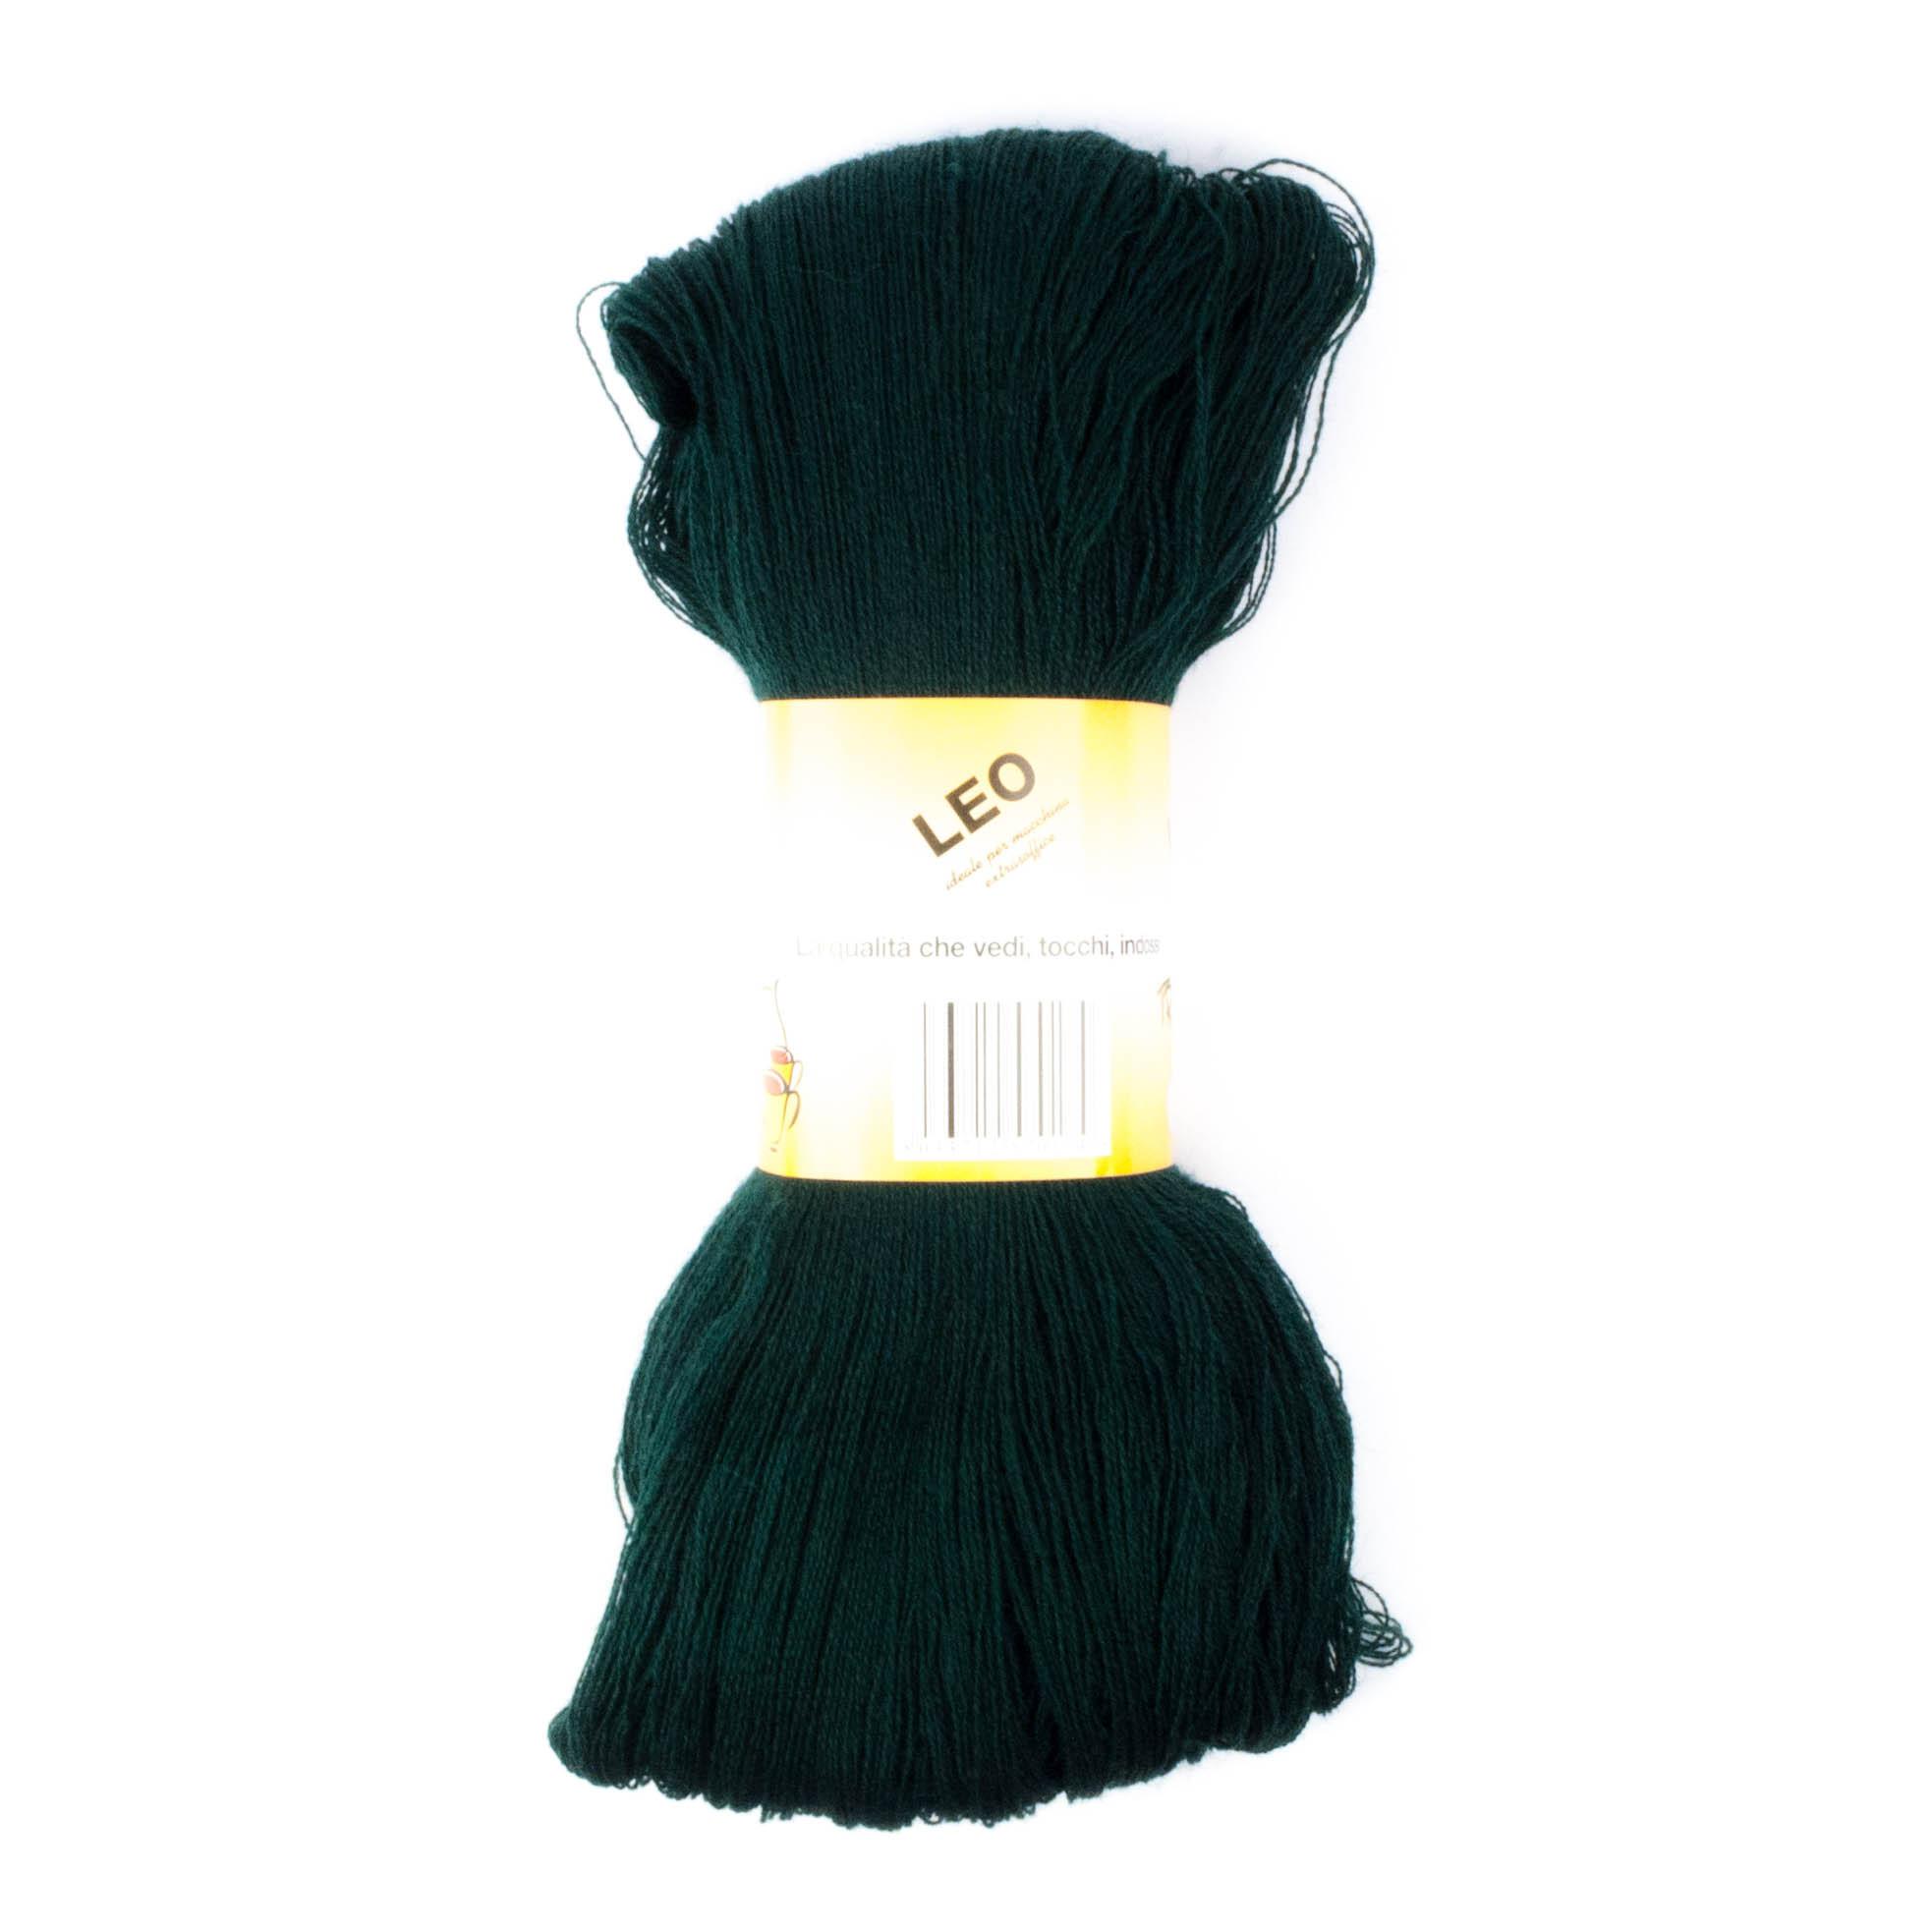 Leo - Matassa misto lana ideale per lavori a mano e macchina - Verde Scuro 19